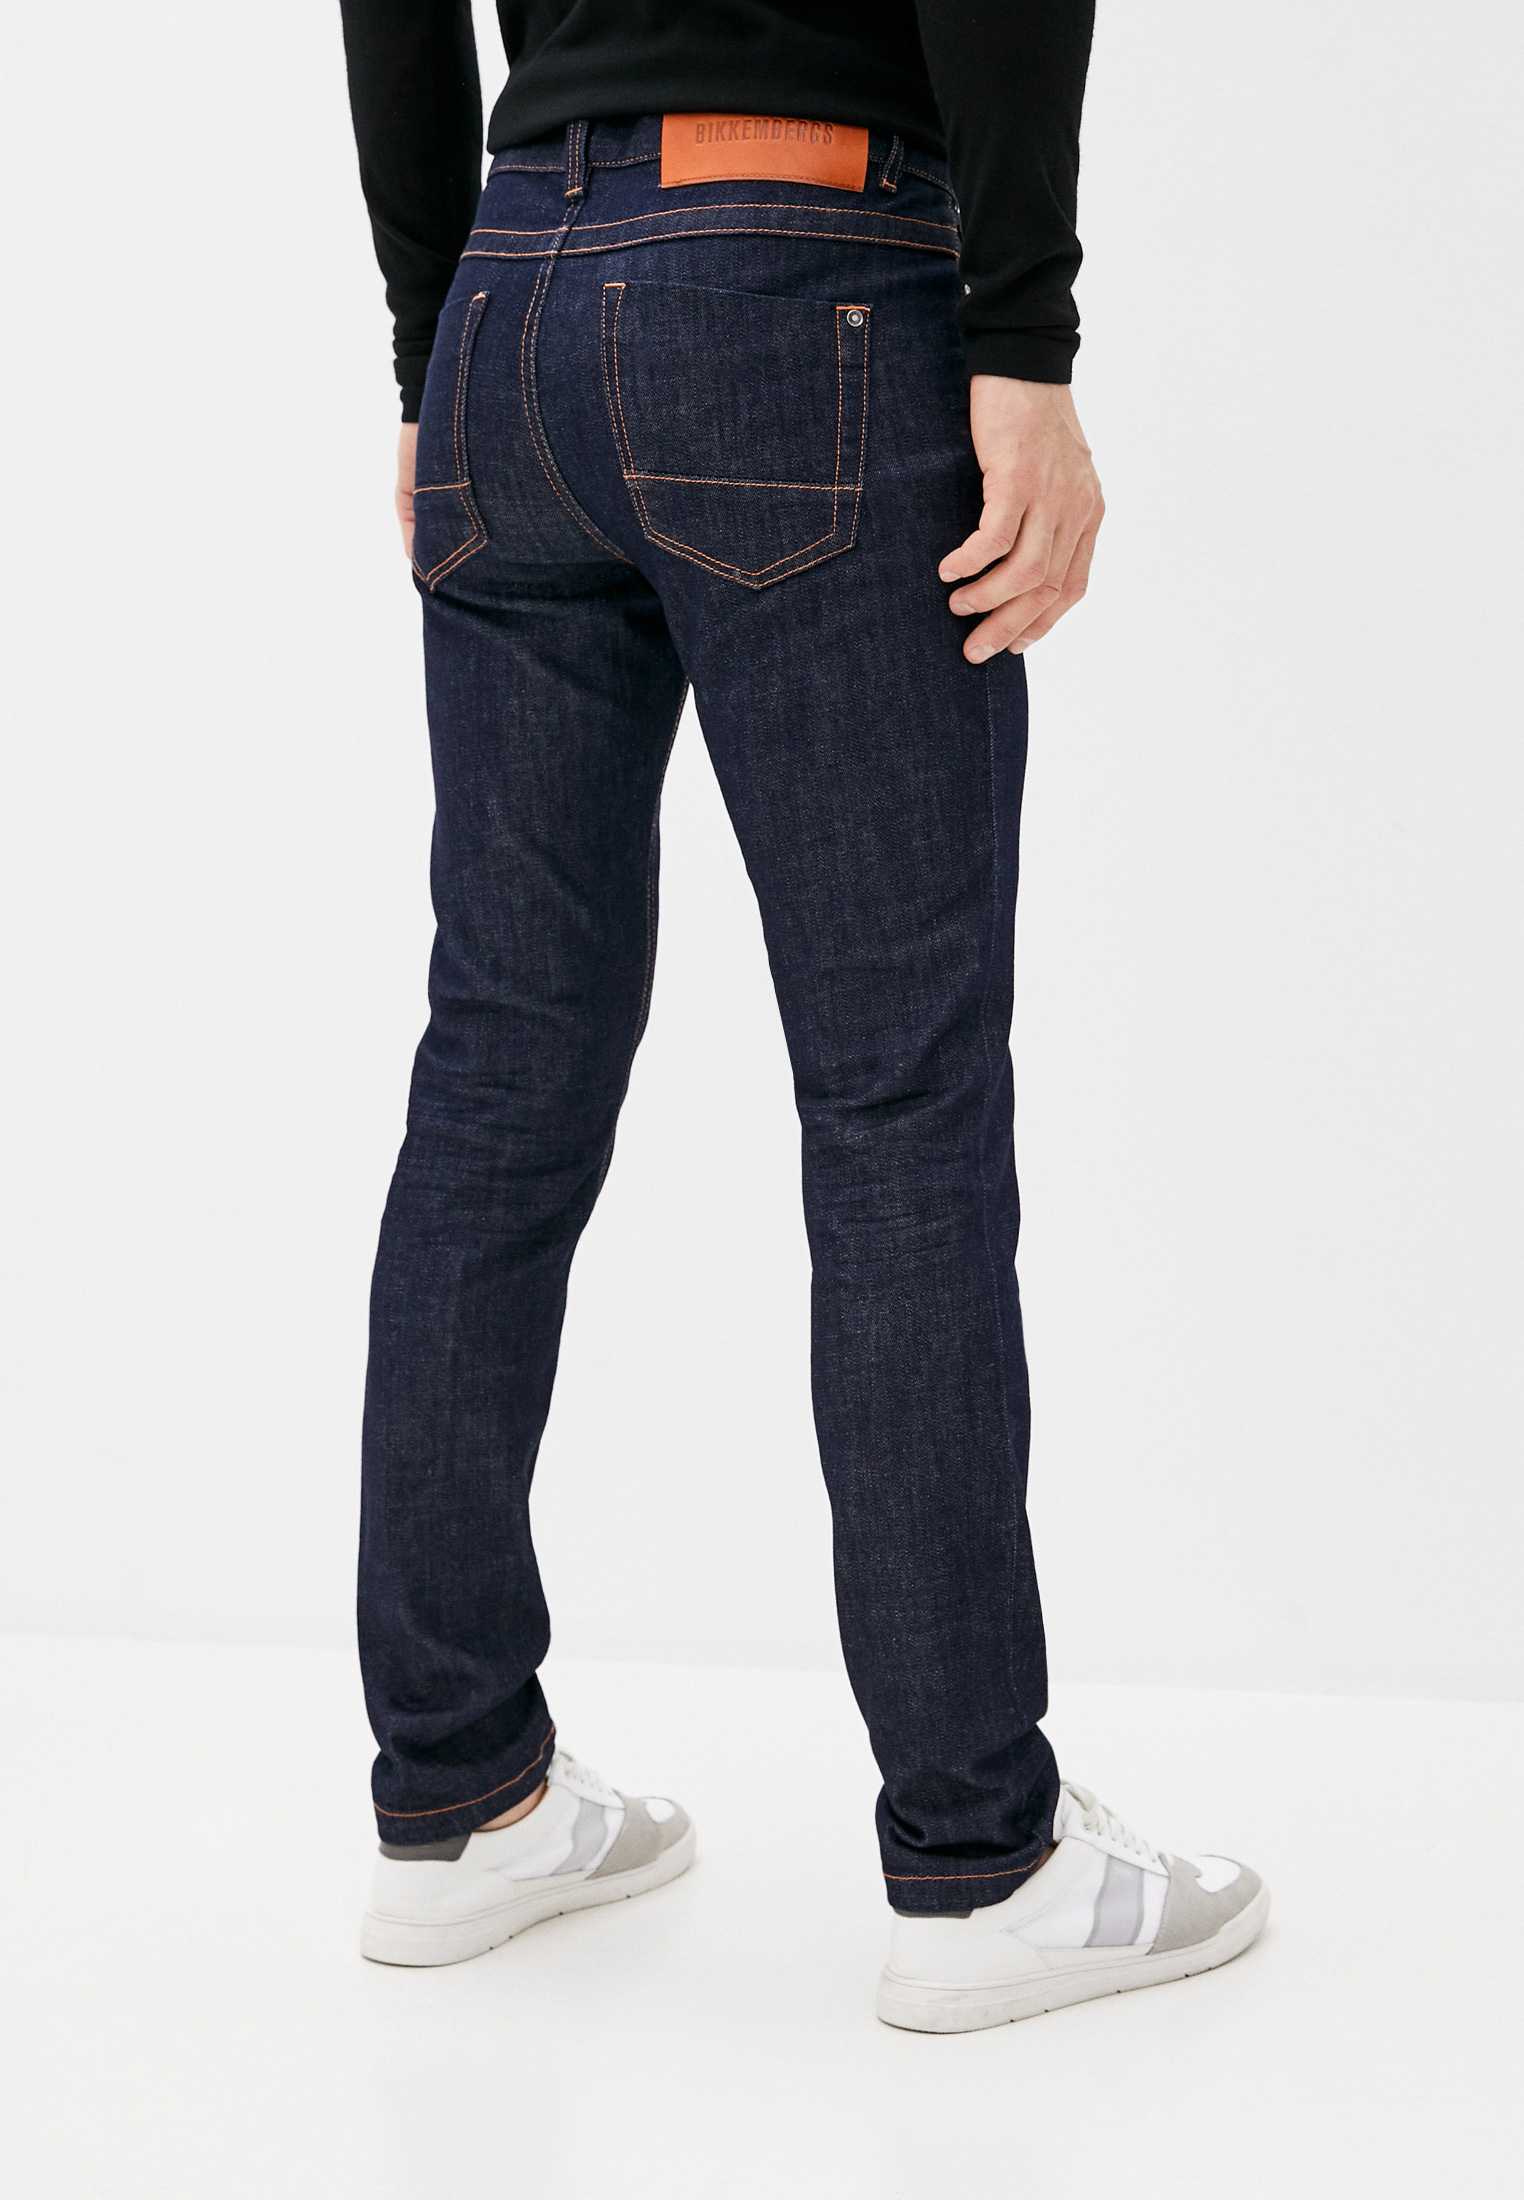 Зауженные джинсы Bikkembergs C Q 101 03 S 3393: изображение 4